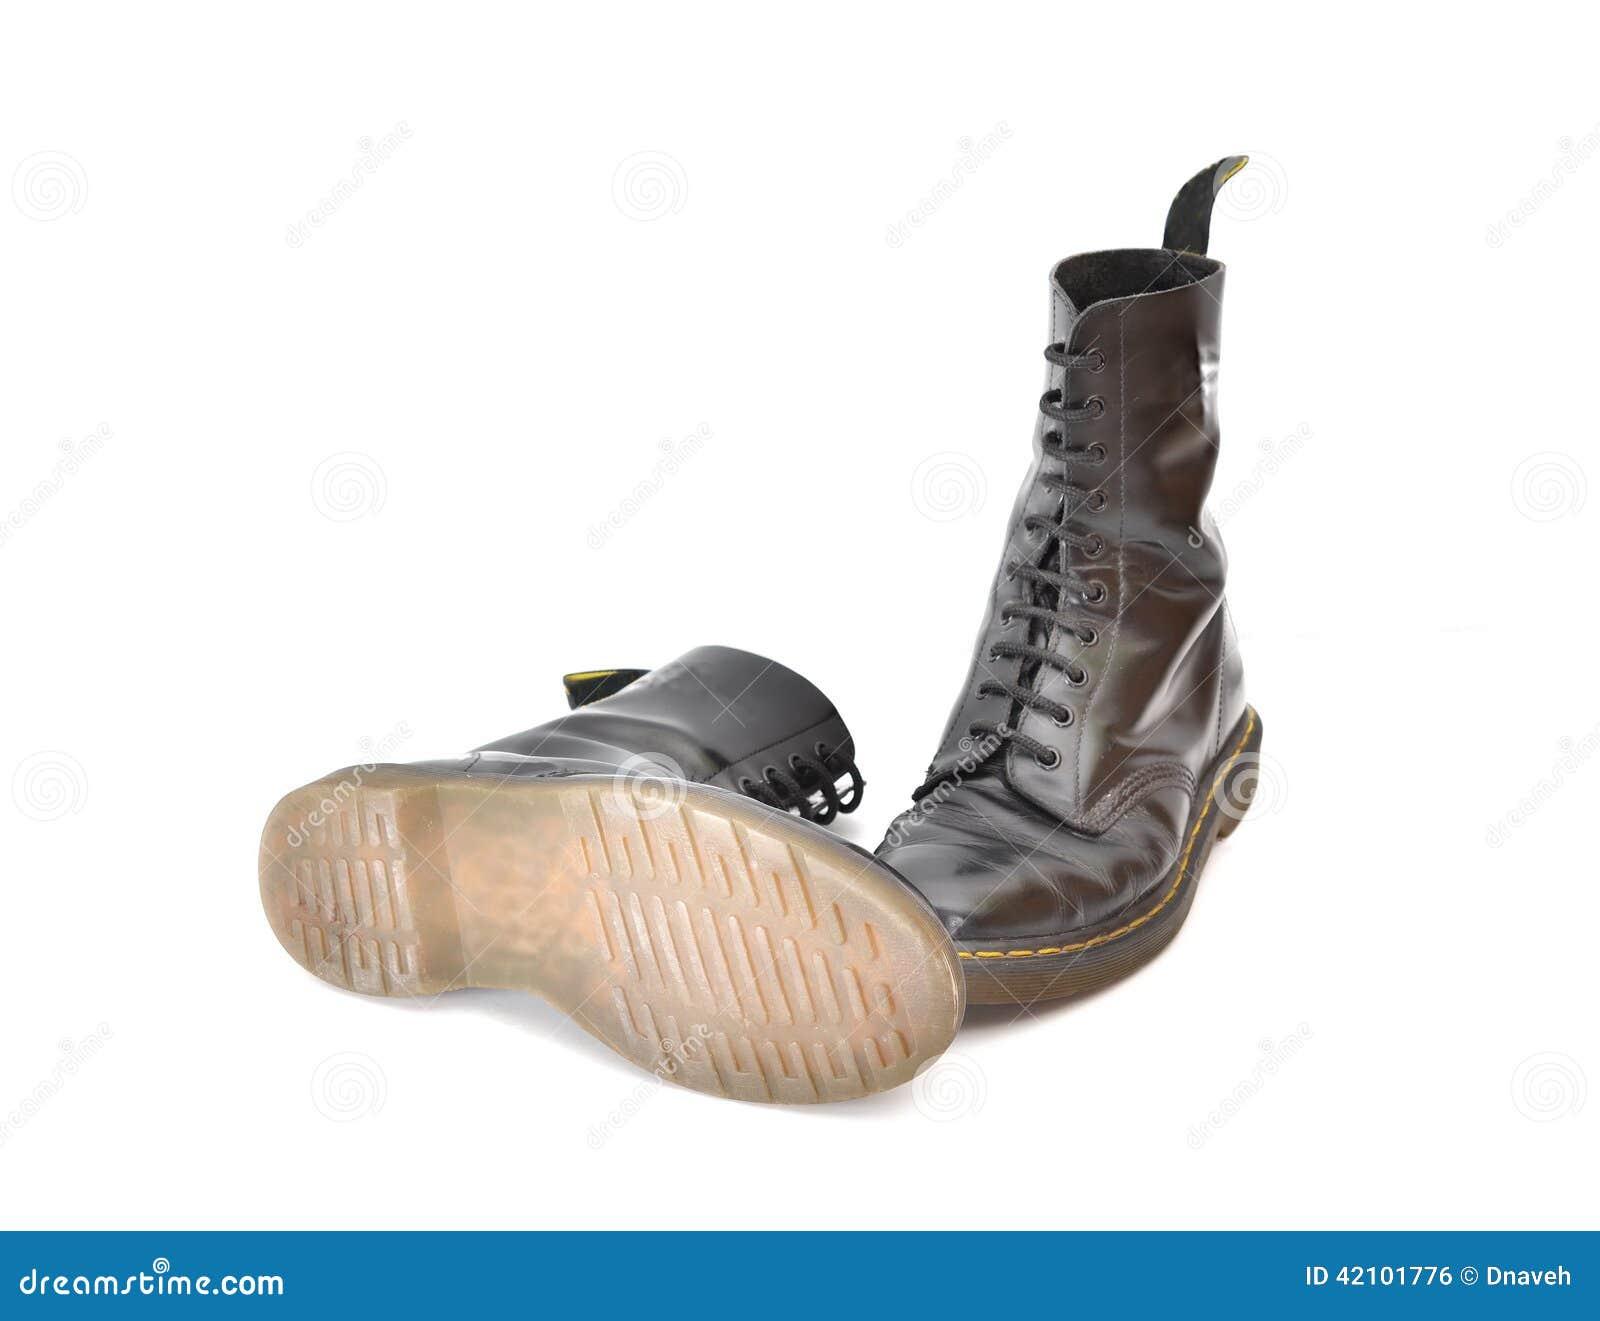 venta reino unido venta caliente más nuevo nuevo estilo y lujo Pares De Botas Negras Clásicas Del Zapato Con Cordones Foto ...